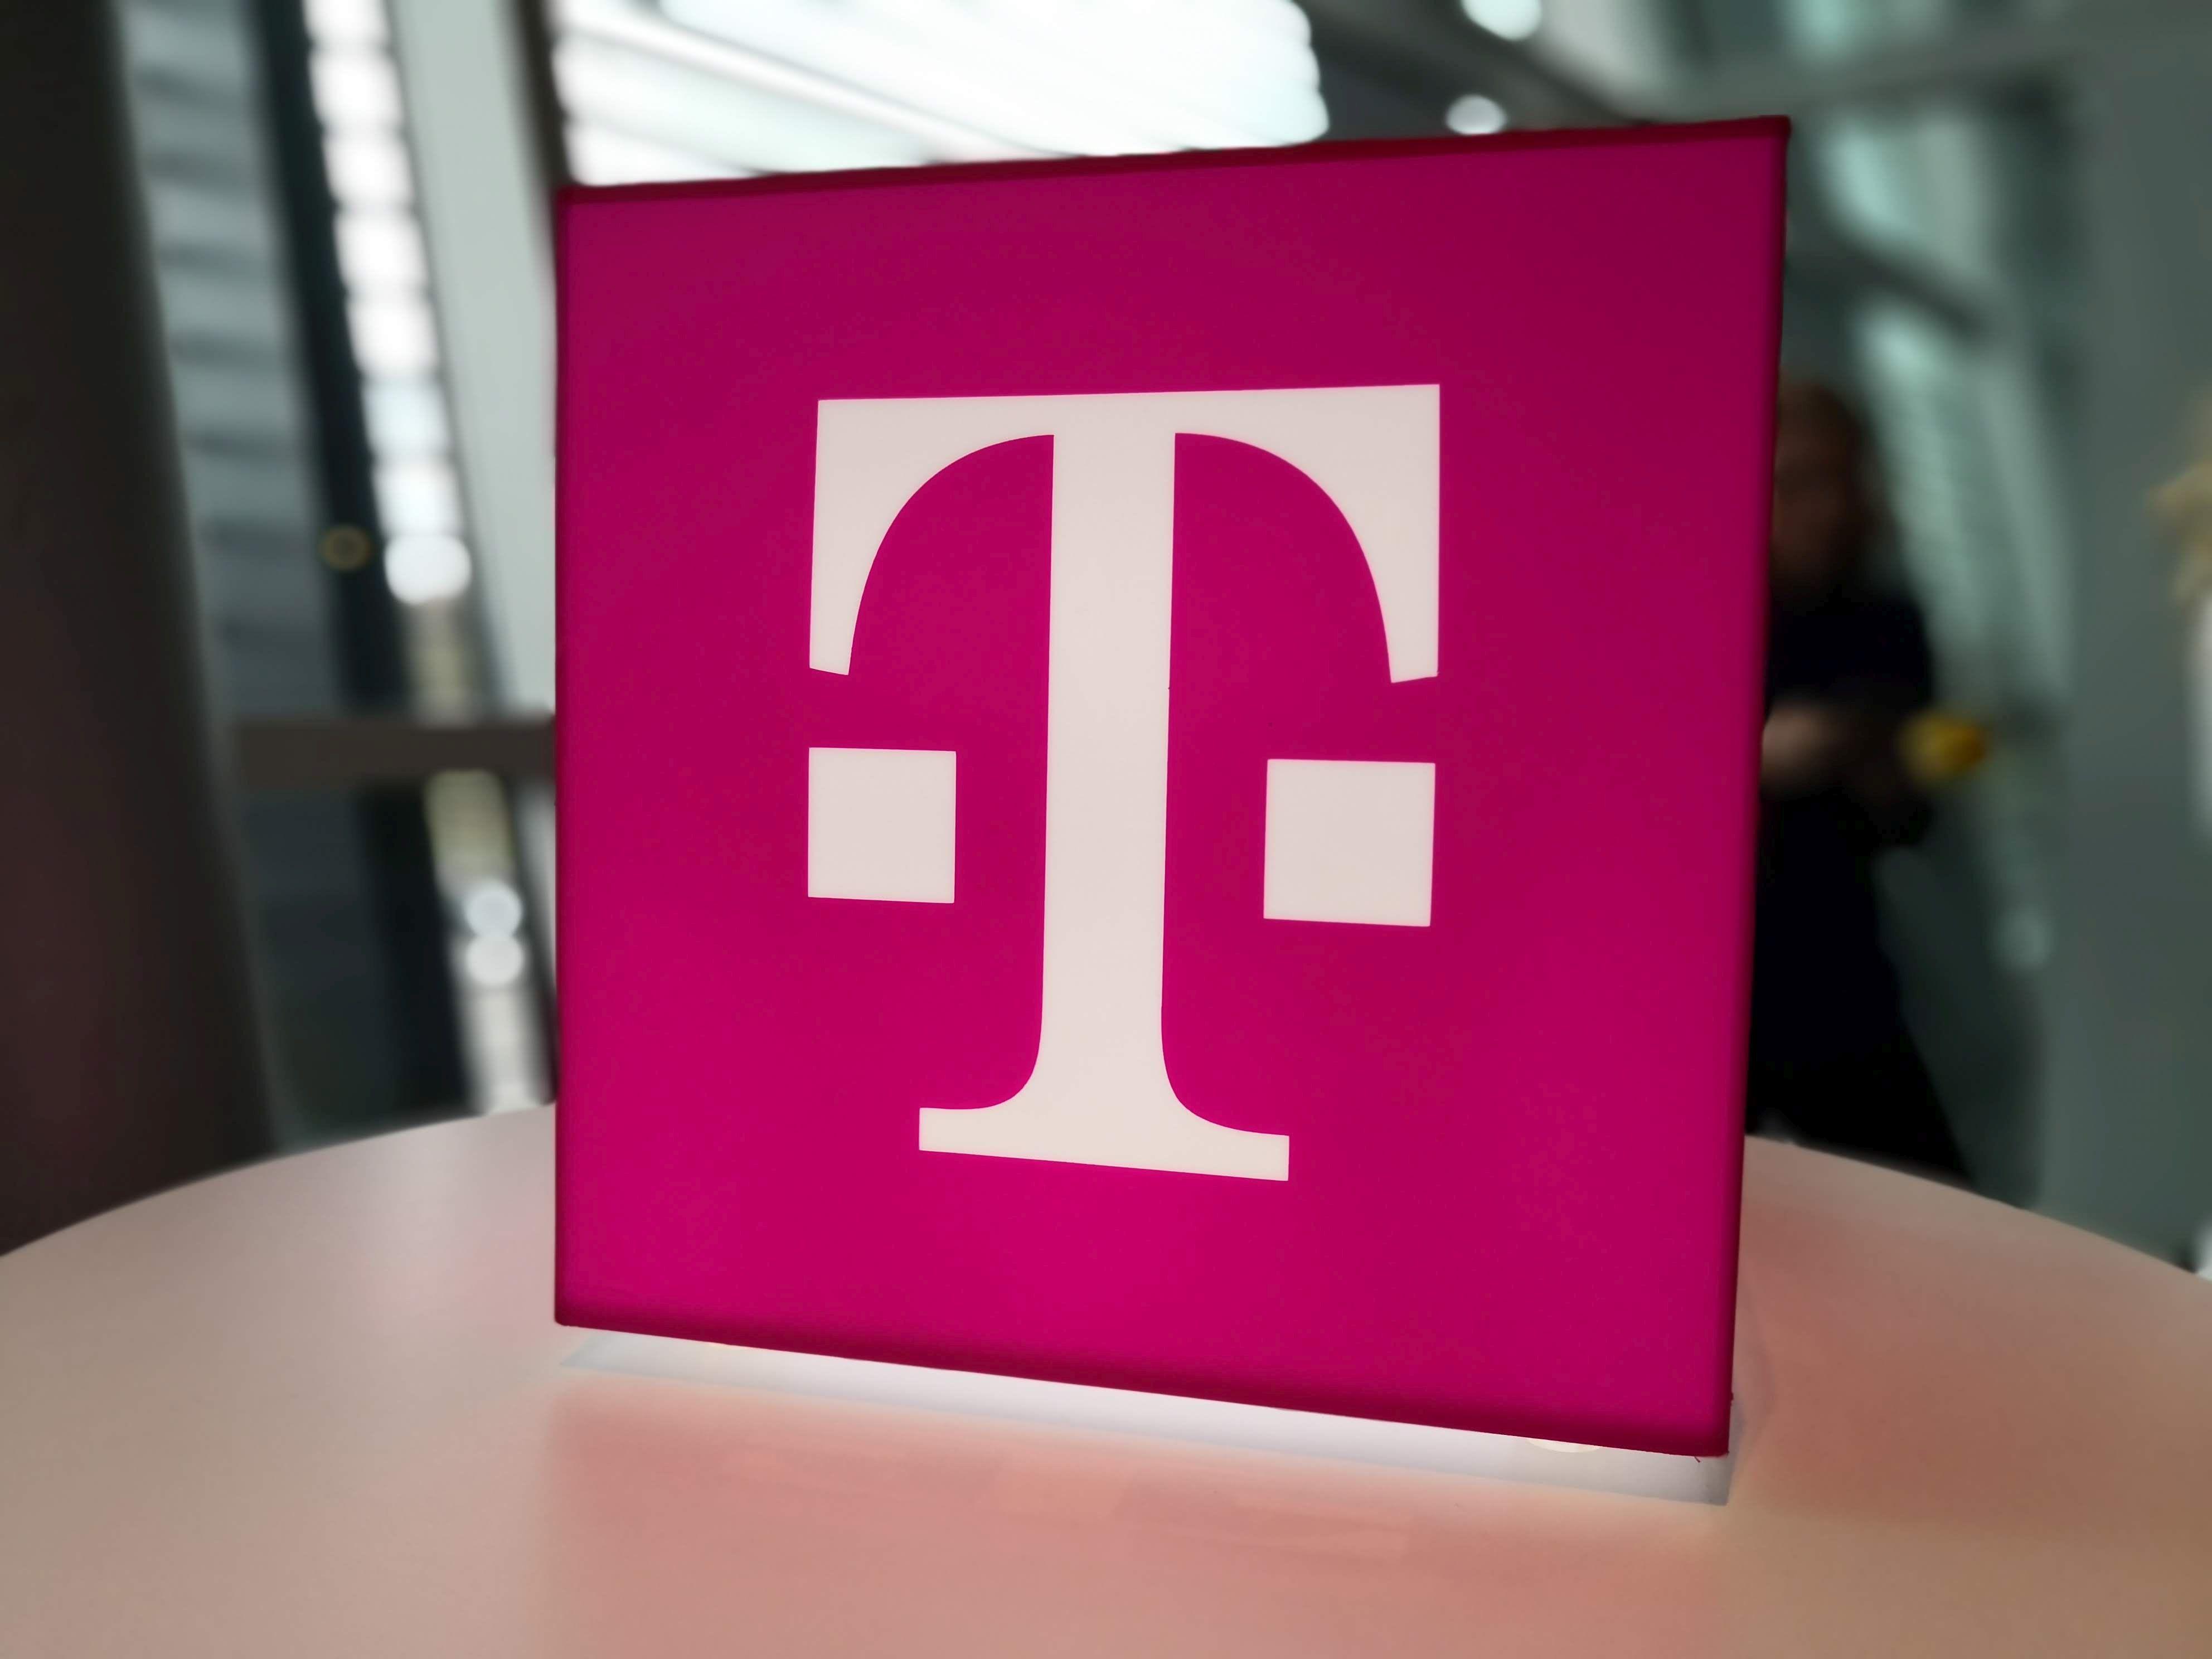 Telekom-LTE: So soll das Netz in Wohnungen besser werden